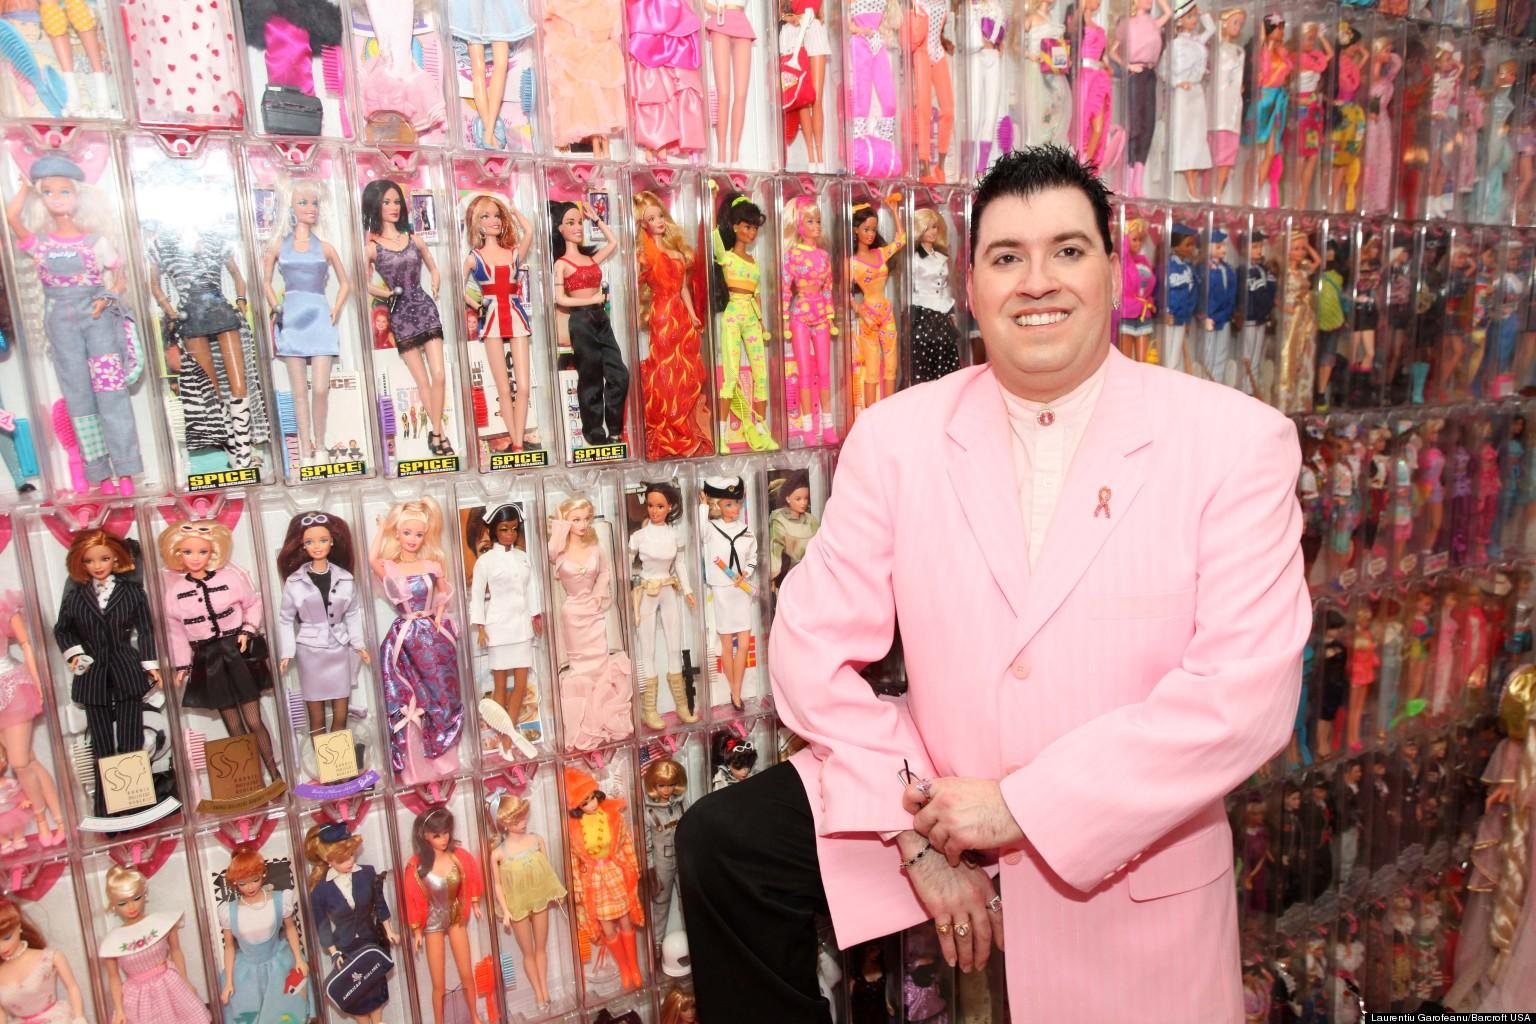 Barbie Man Stanley Colorite Owns 3 000 Barbie Amp Ken